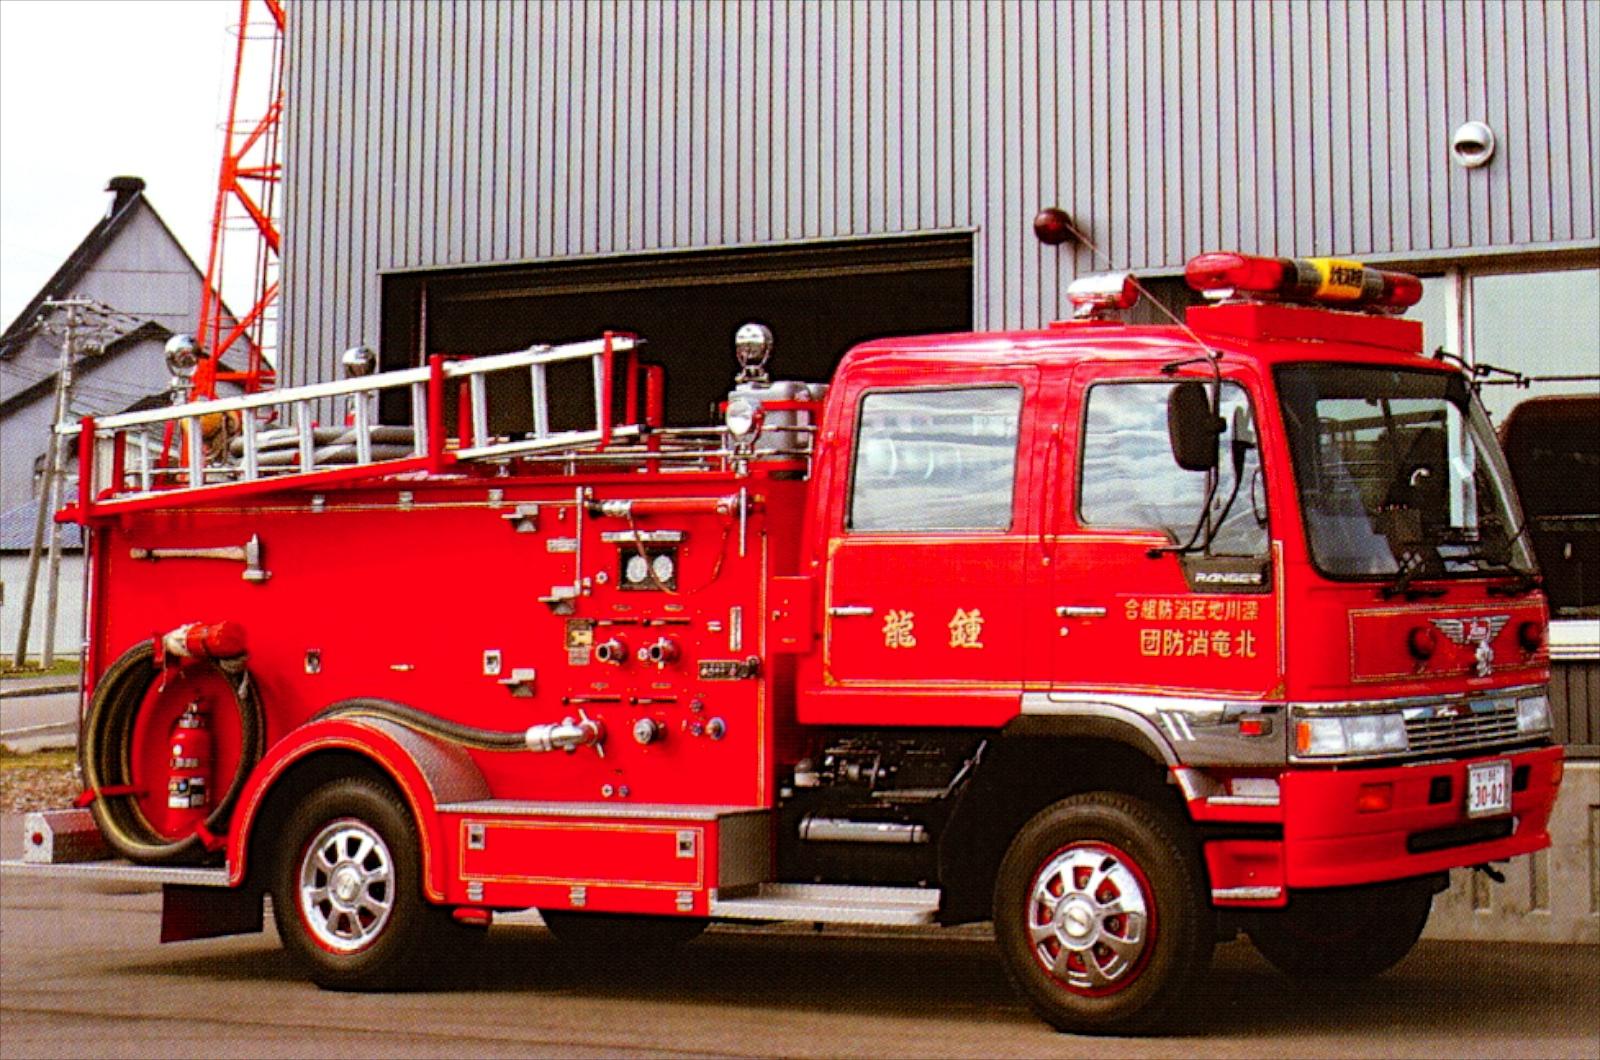 Photo: 消防ポンプ自動車「鐘竜号」 小型動力ポンプ積載